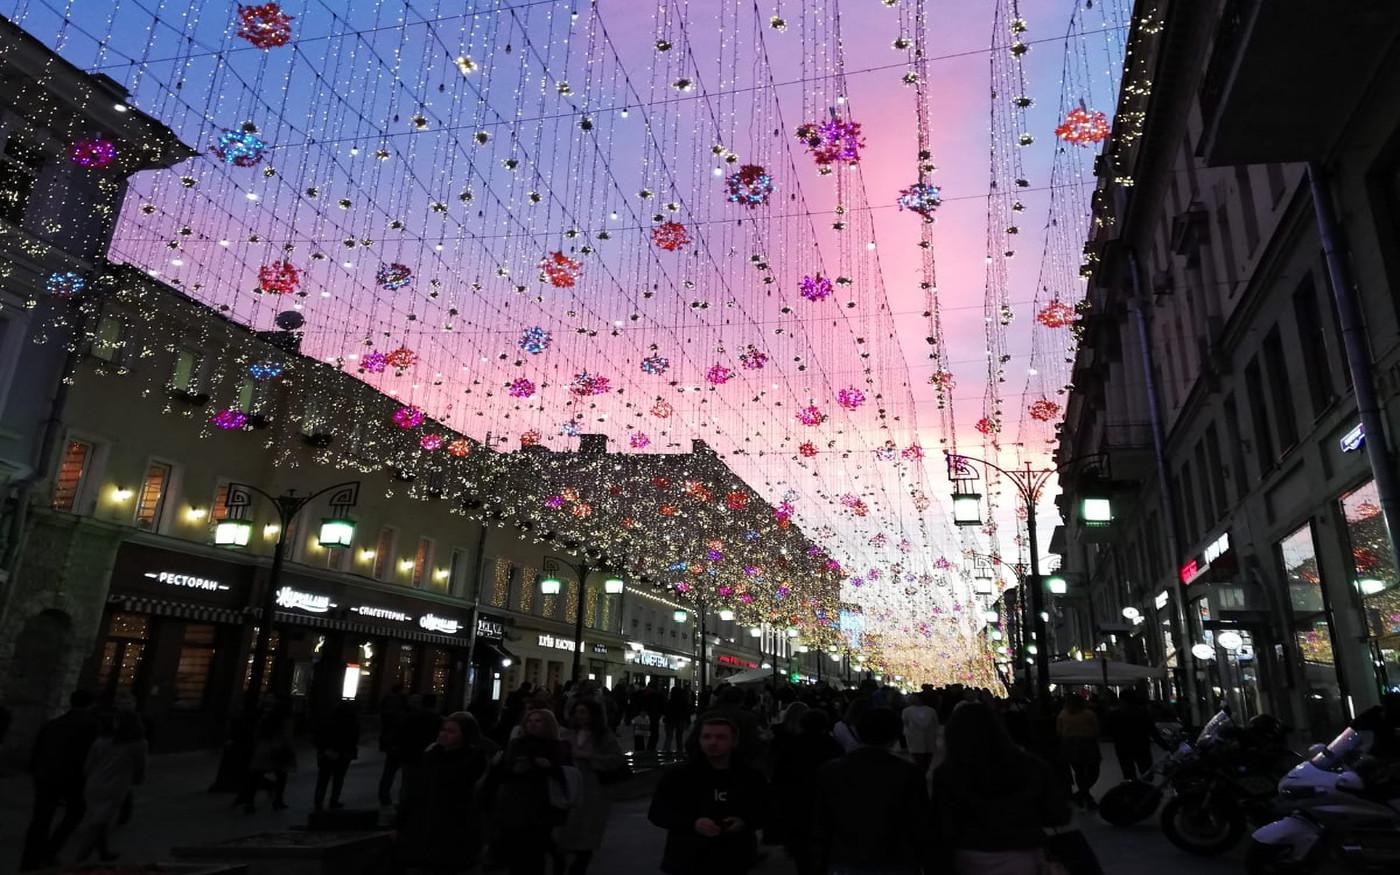 Beleuchtetes Stadtzentrum von Moskau